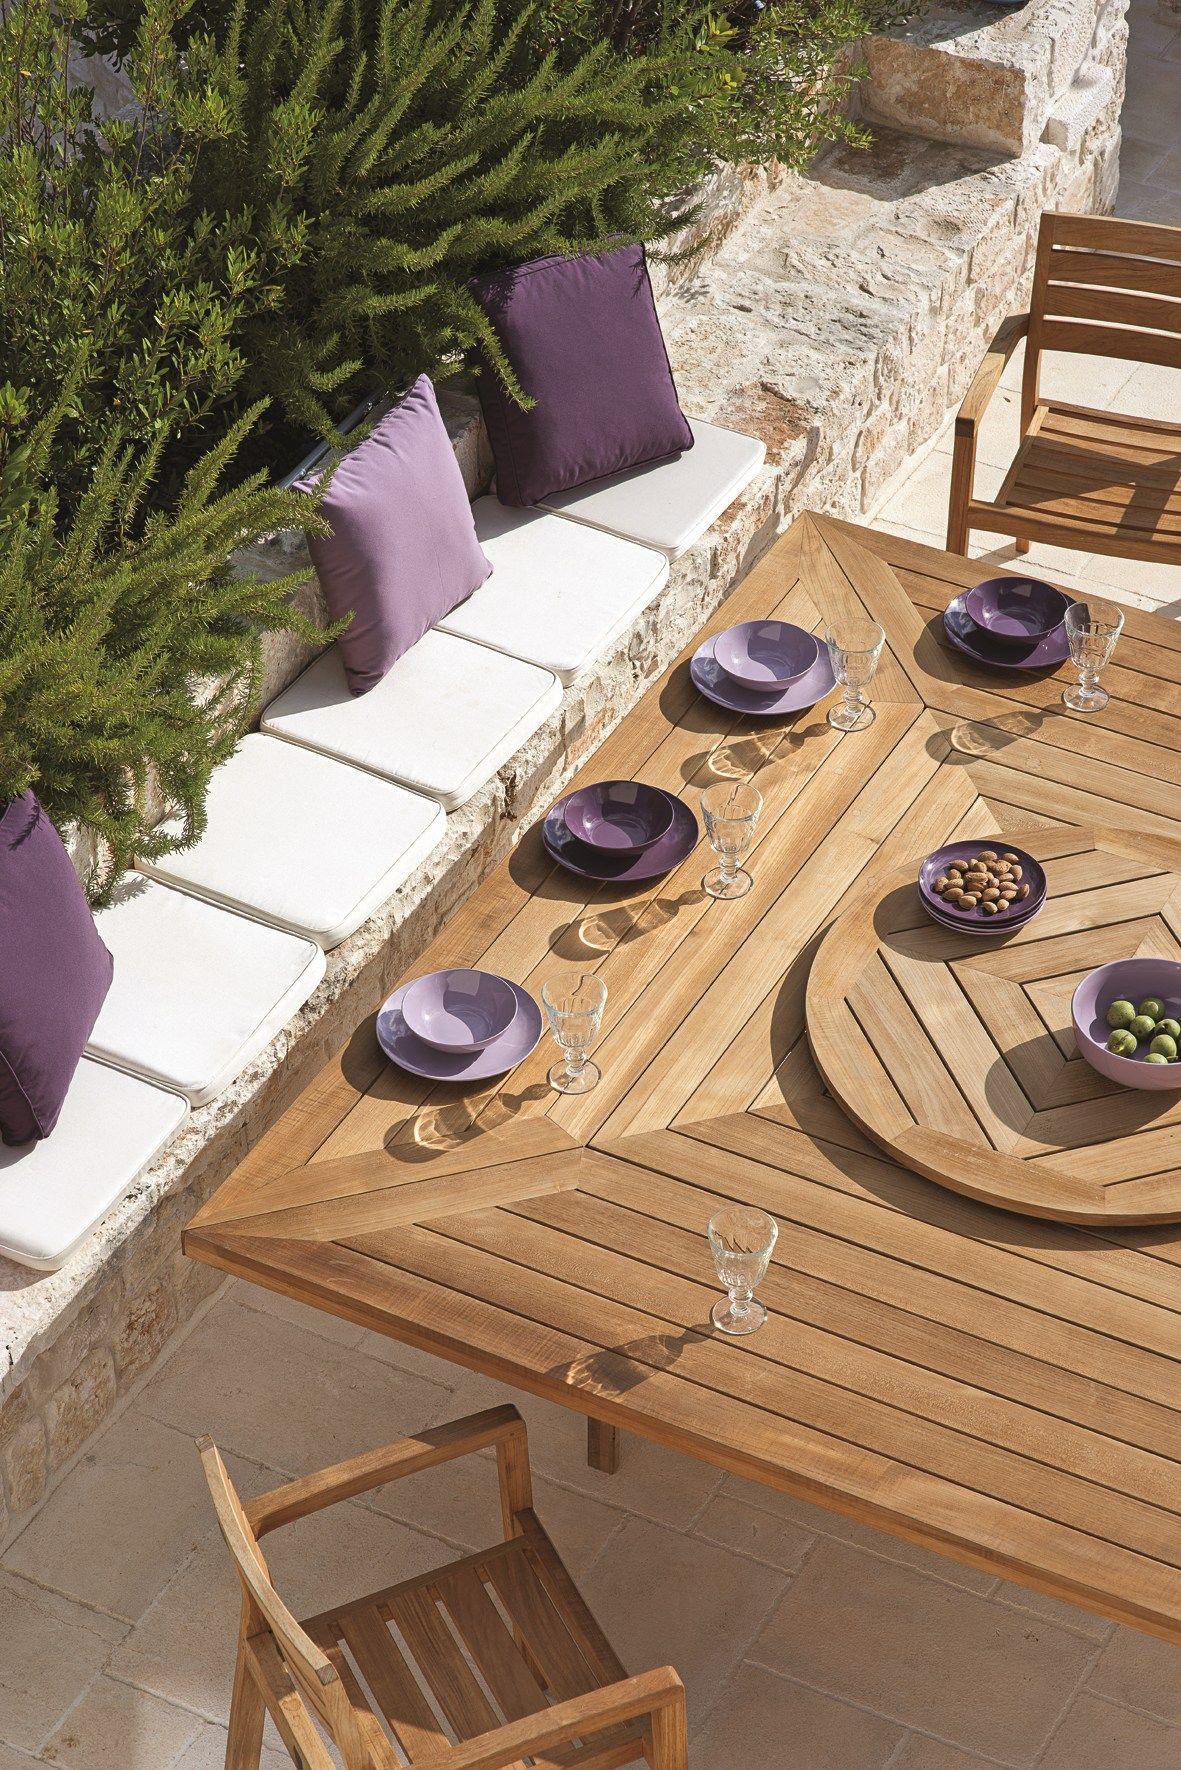 Gartentisch Holz Mit Loch FUr Sonnenschirm ~ quadratischer Gartentisch aus Teakholz mit Loch für Sonnenschirm